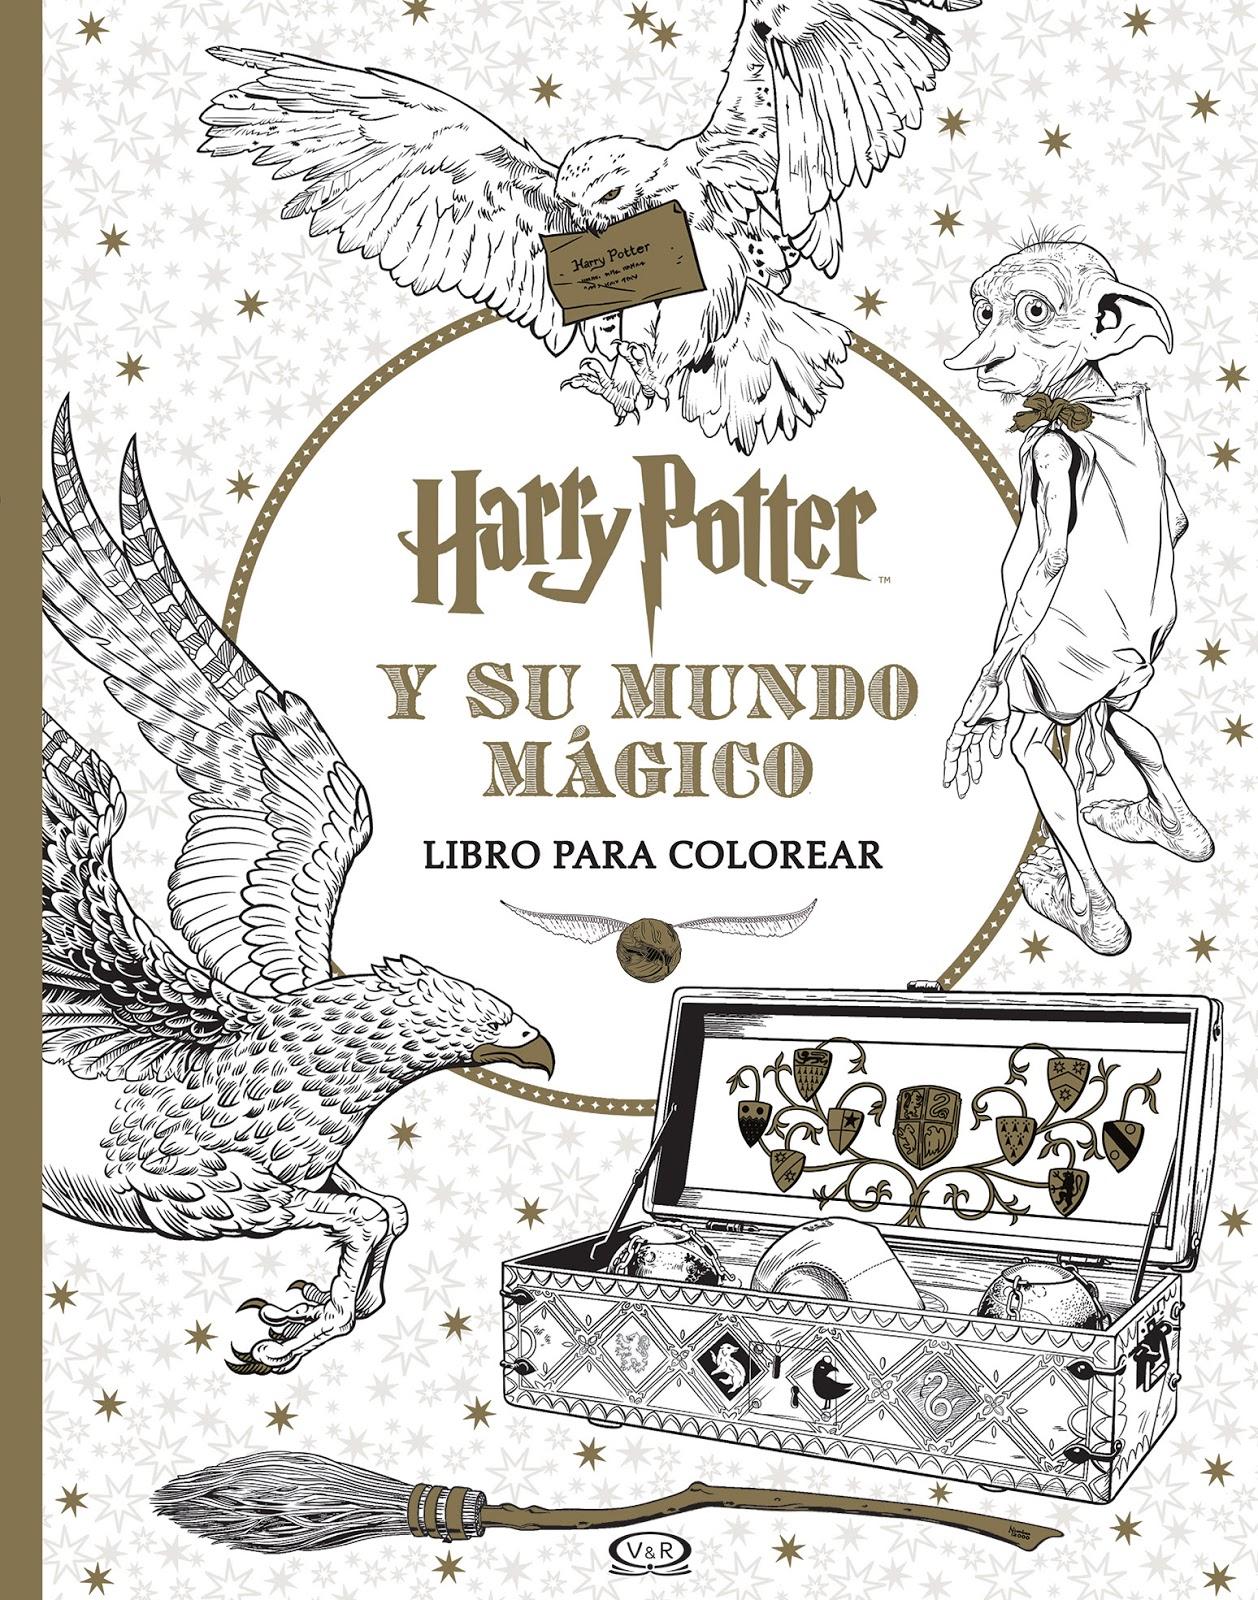 Harry Potter Y Su Mundo Mágico Libro Para Colorear Ya Está En